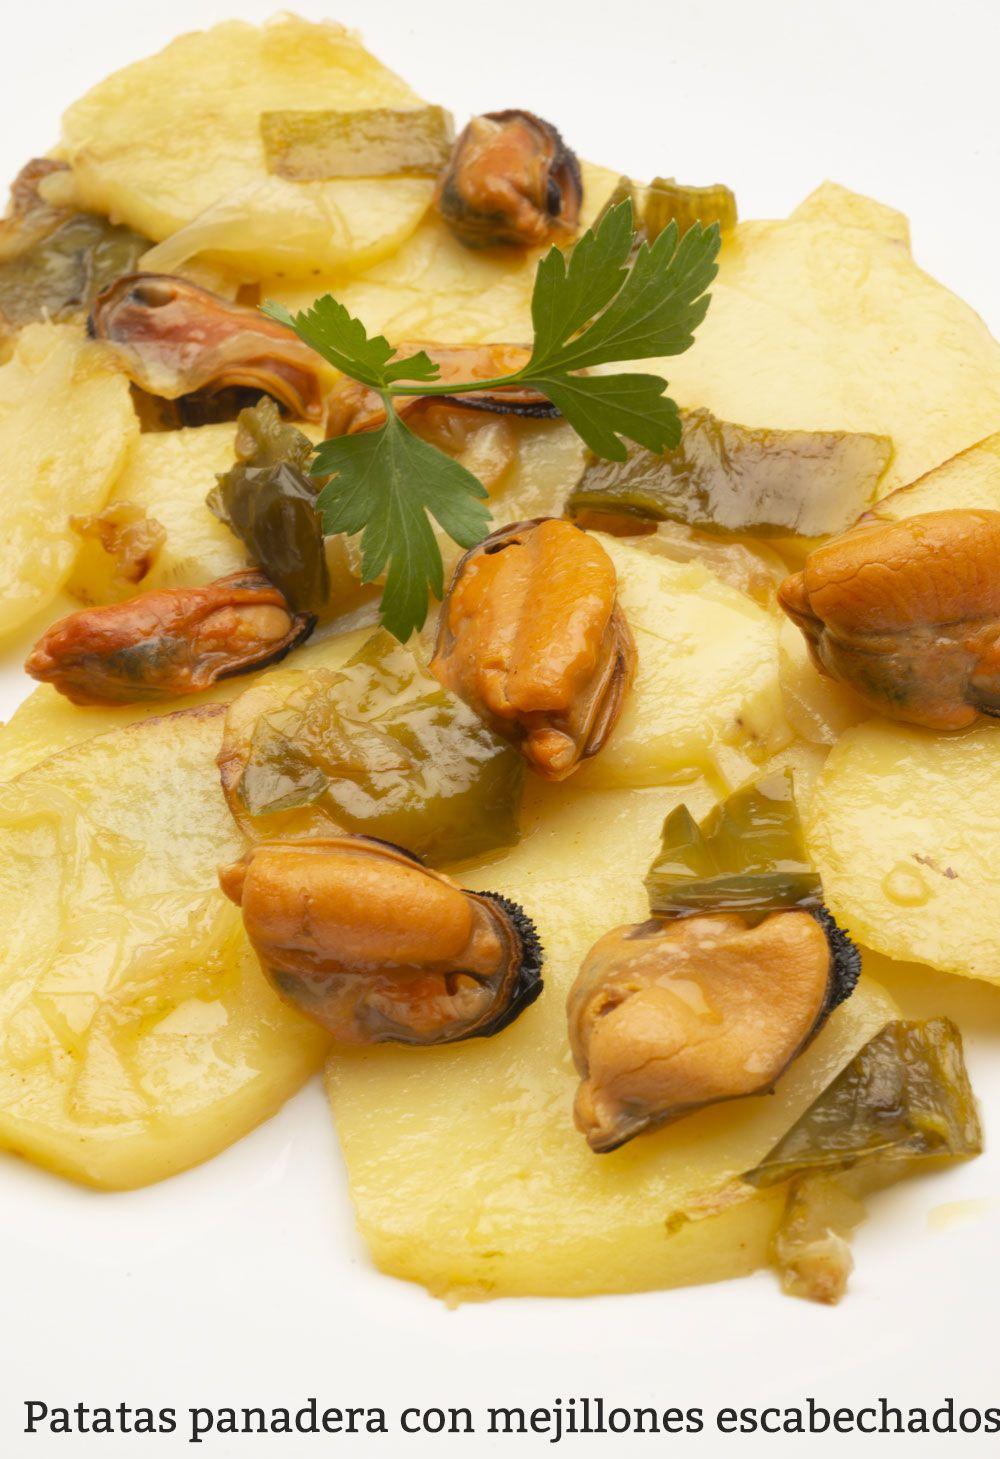 Patatas panadera con mejillones escabechados